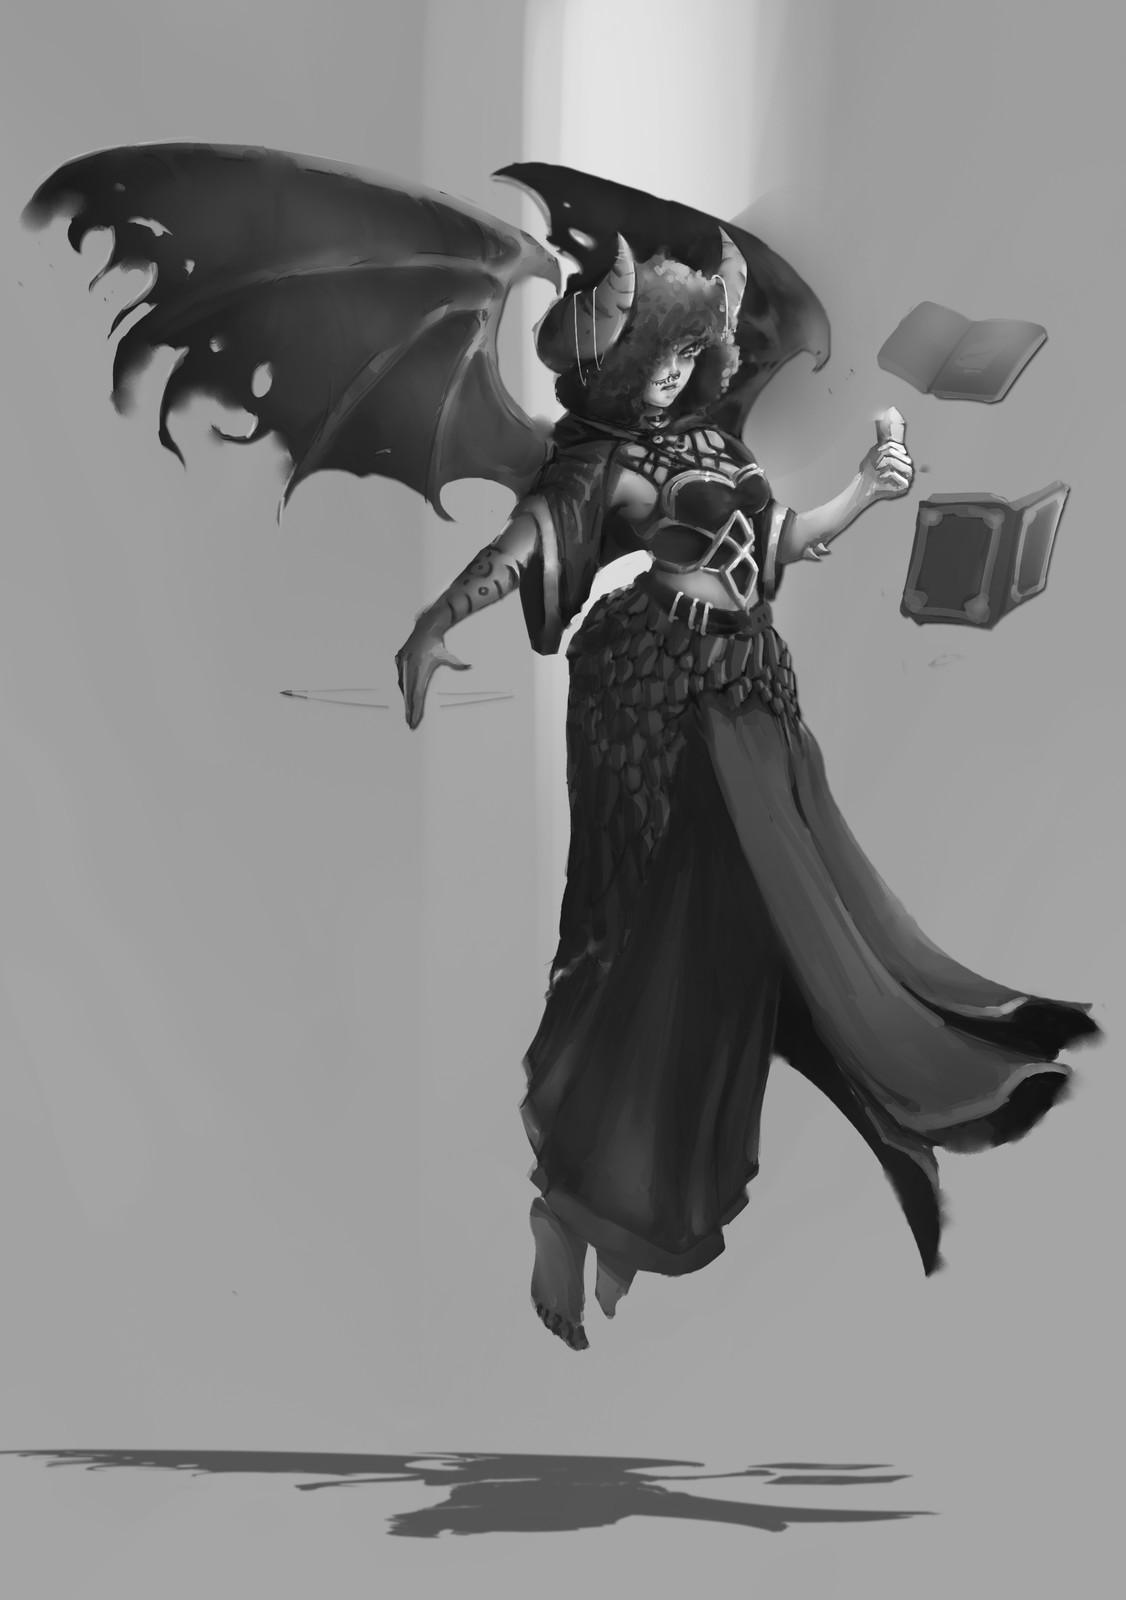 The Demon's Spellcaster